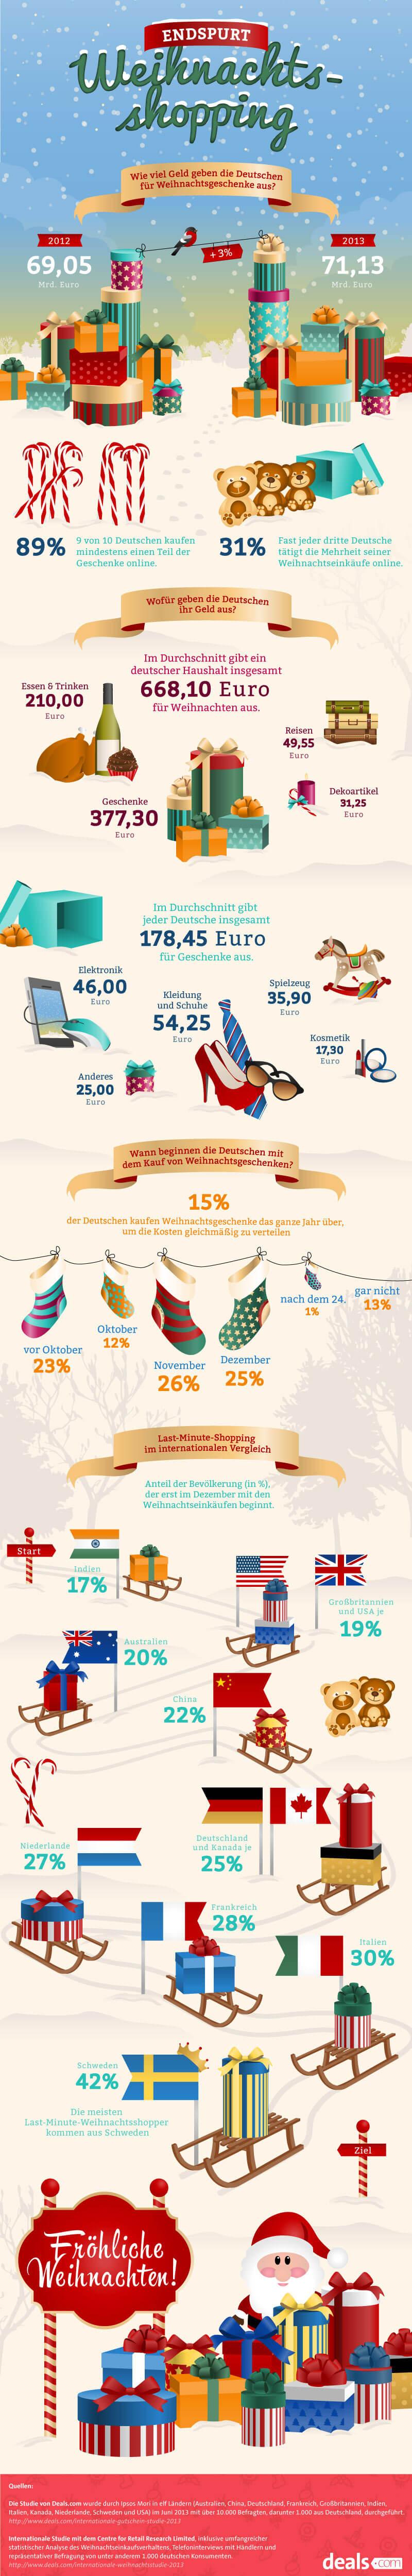 Weihnachten & Shopping: So kaufen die Deutschen ein! [Infografik]